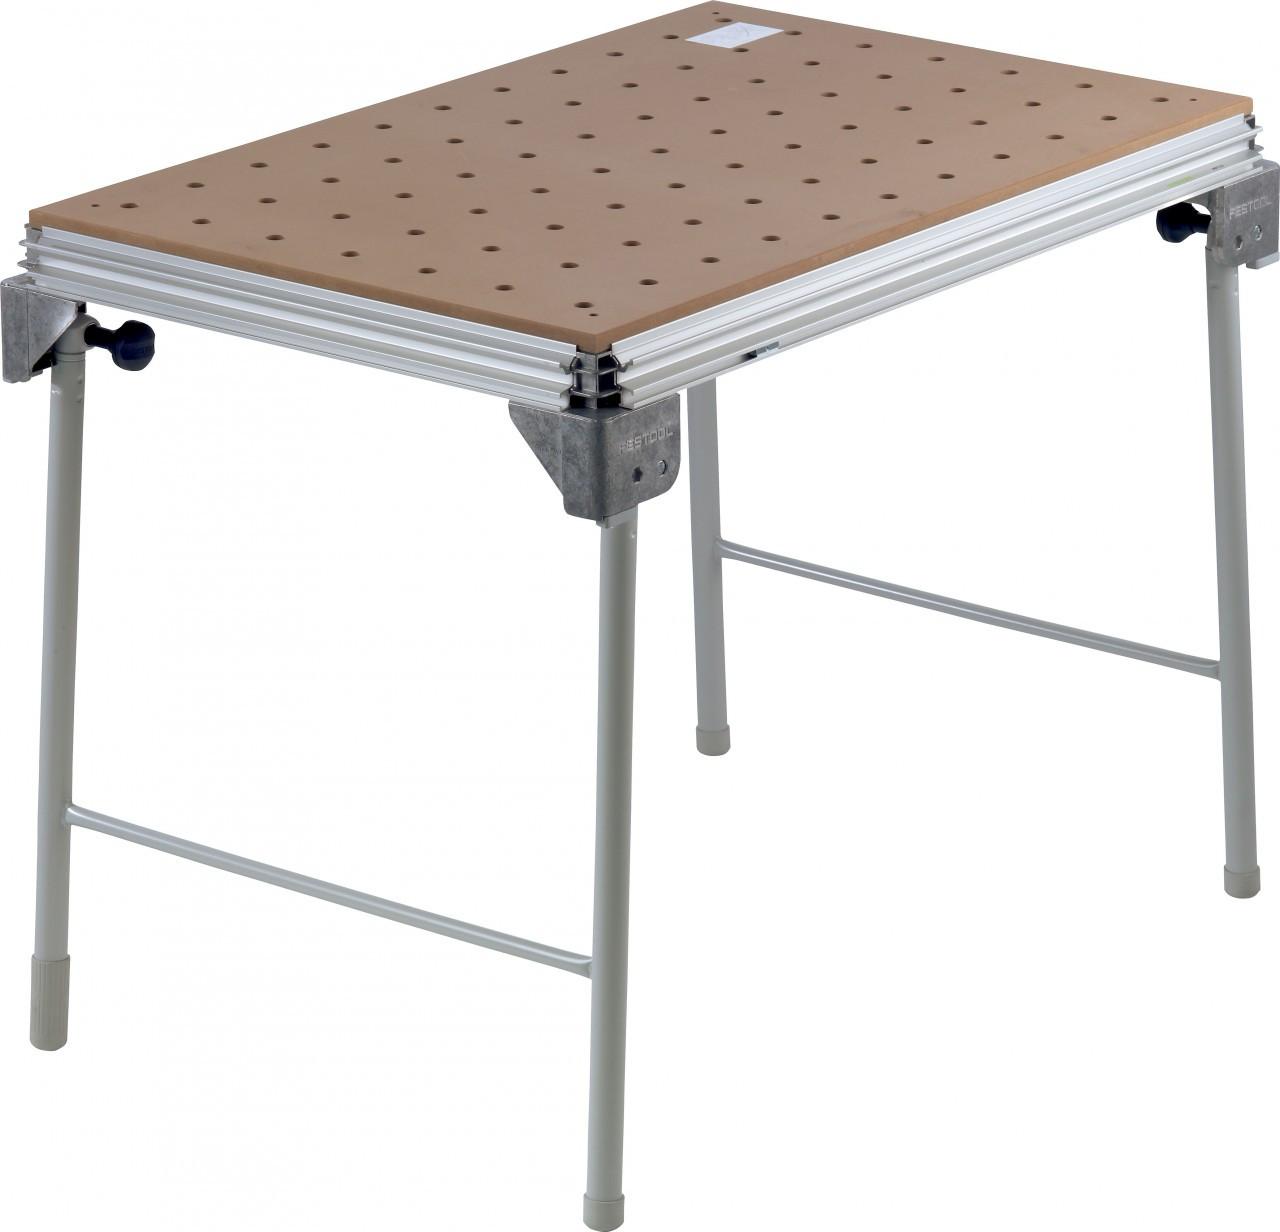 festool mft 3 multifunction table basic 500608 ForTable Festool